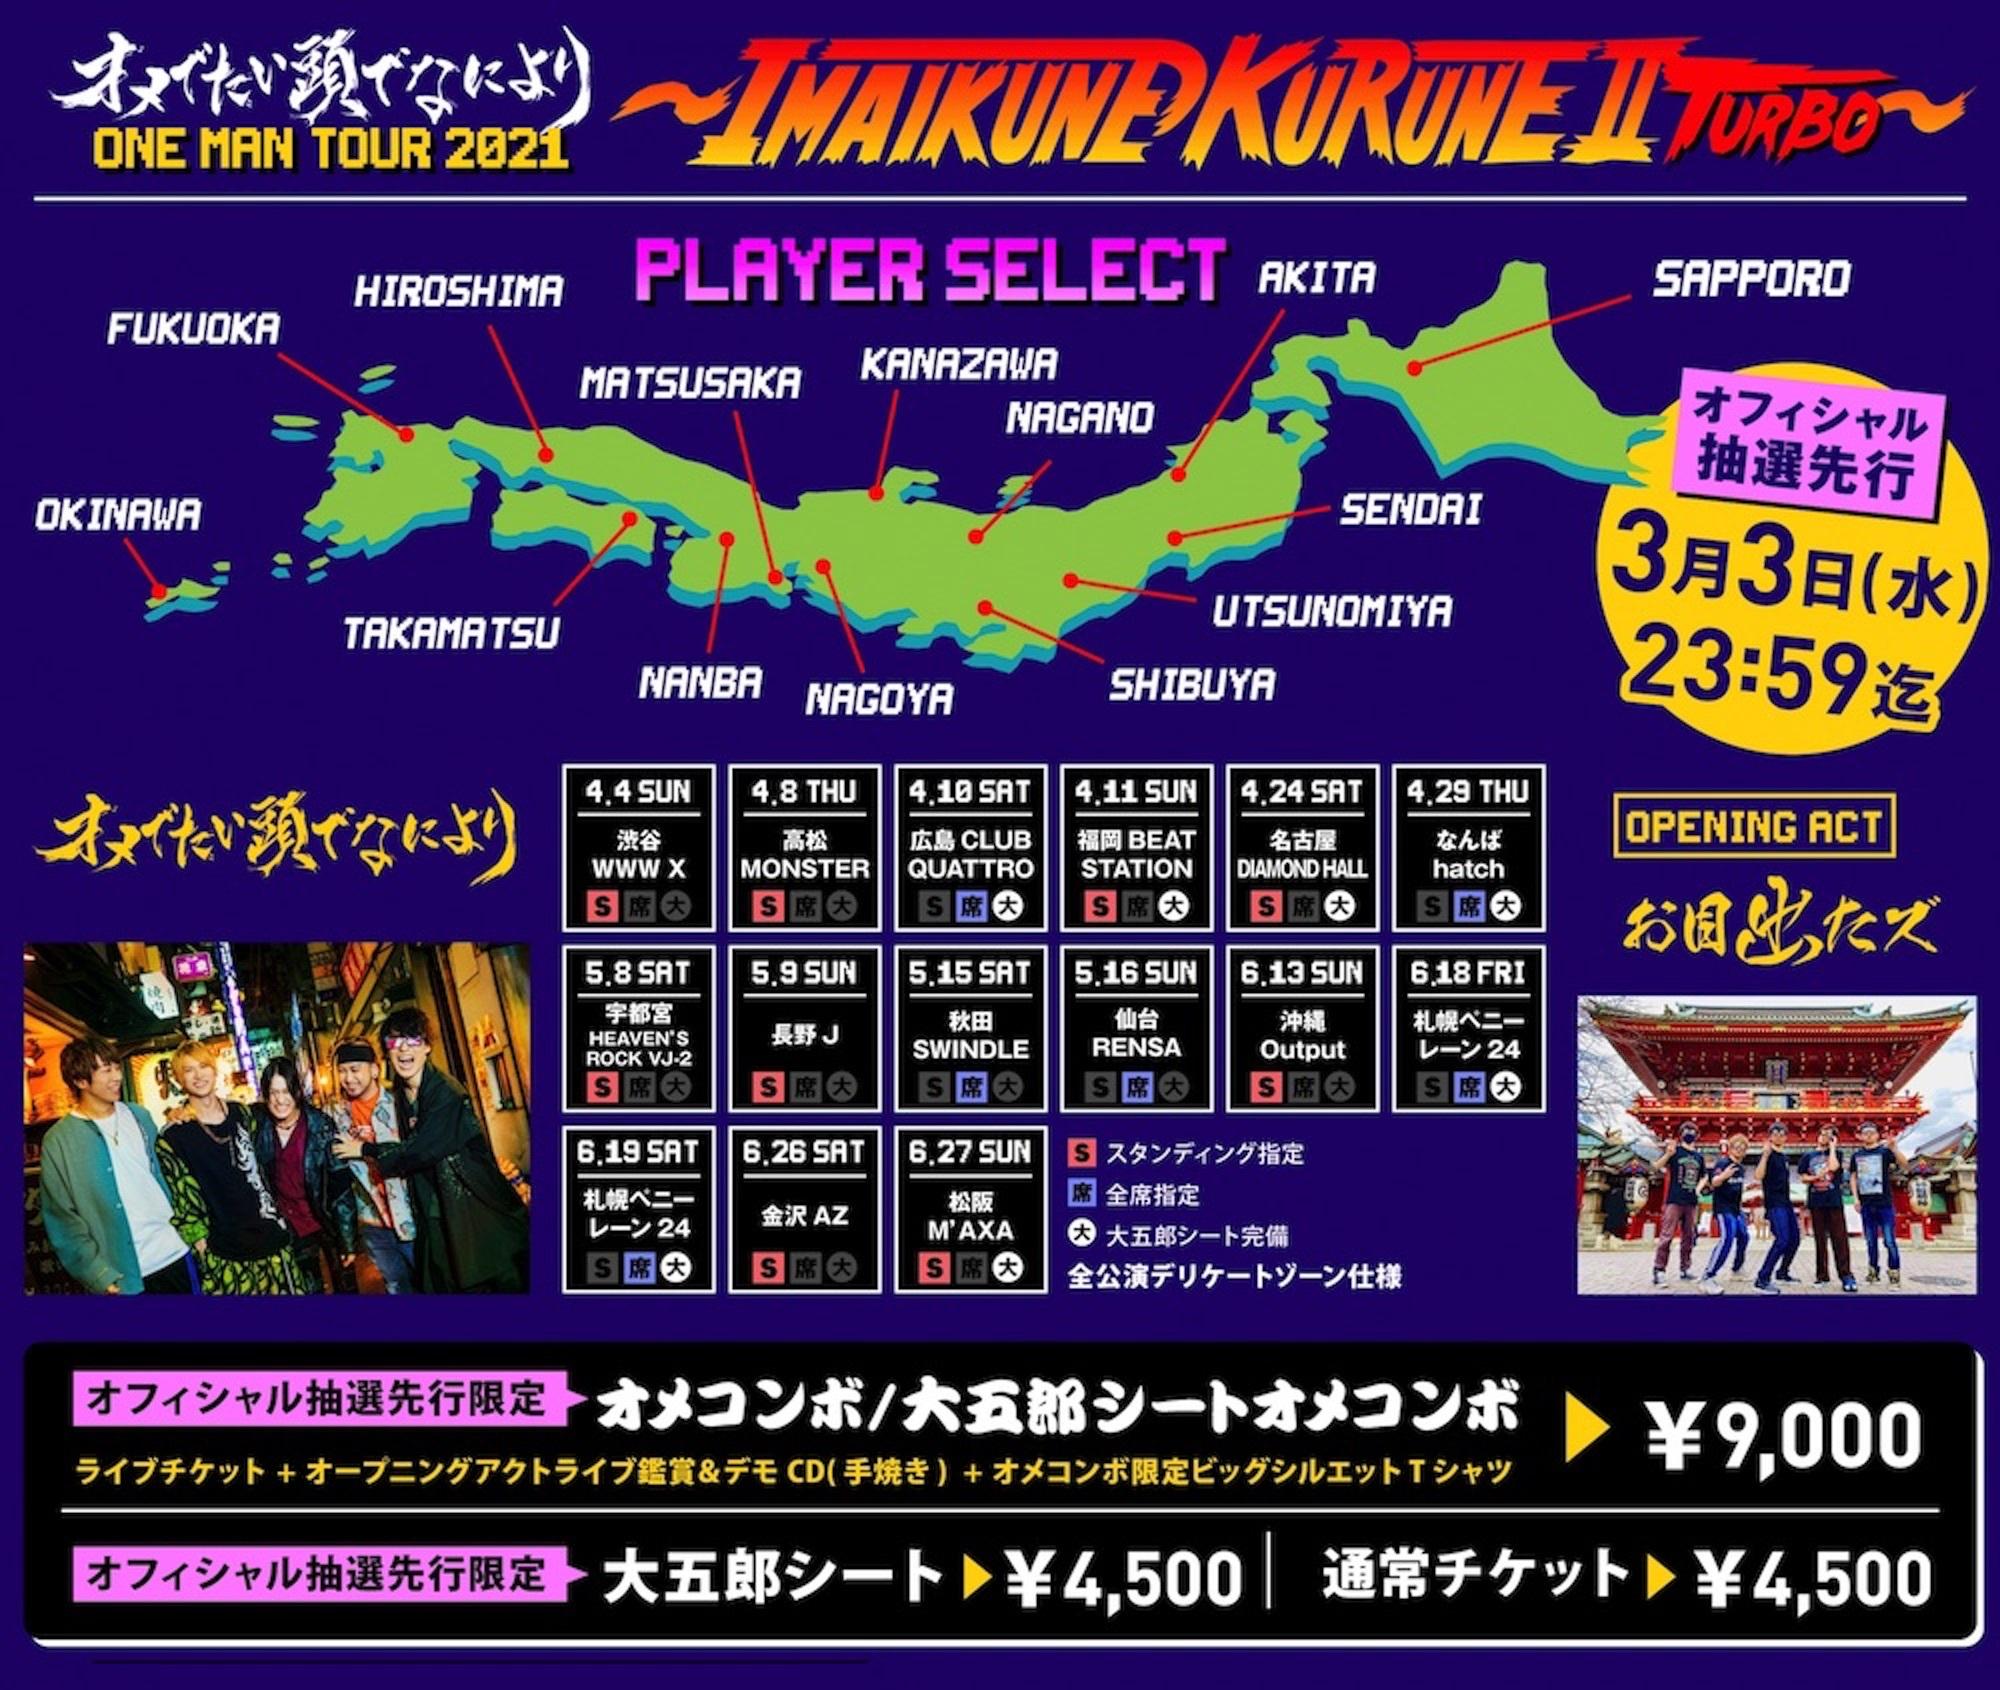 ワンマンツアー2021『〜今 いくね くるね Ⅱ TURBO〜』フライヤー